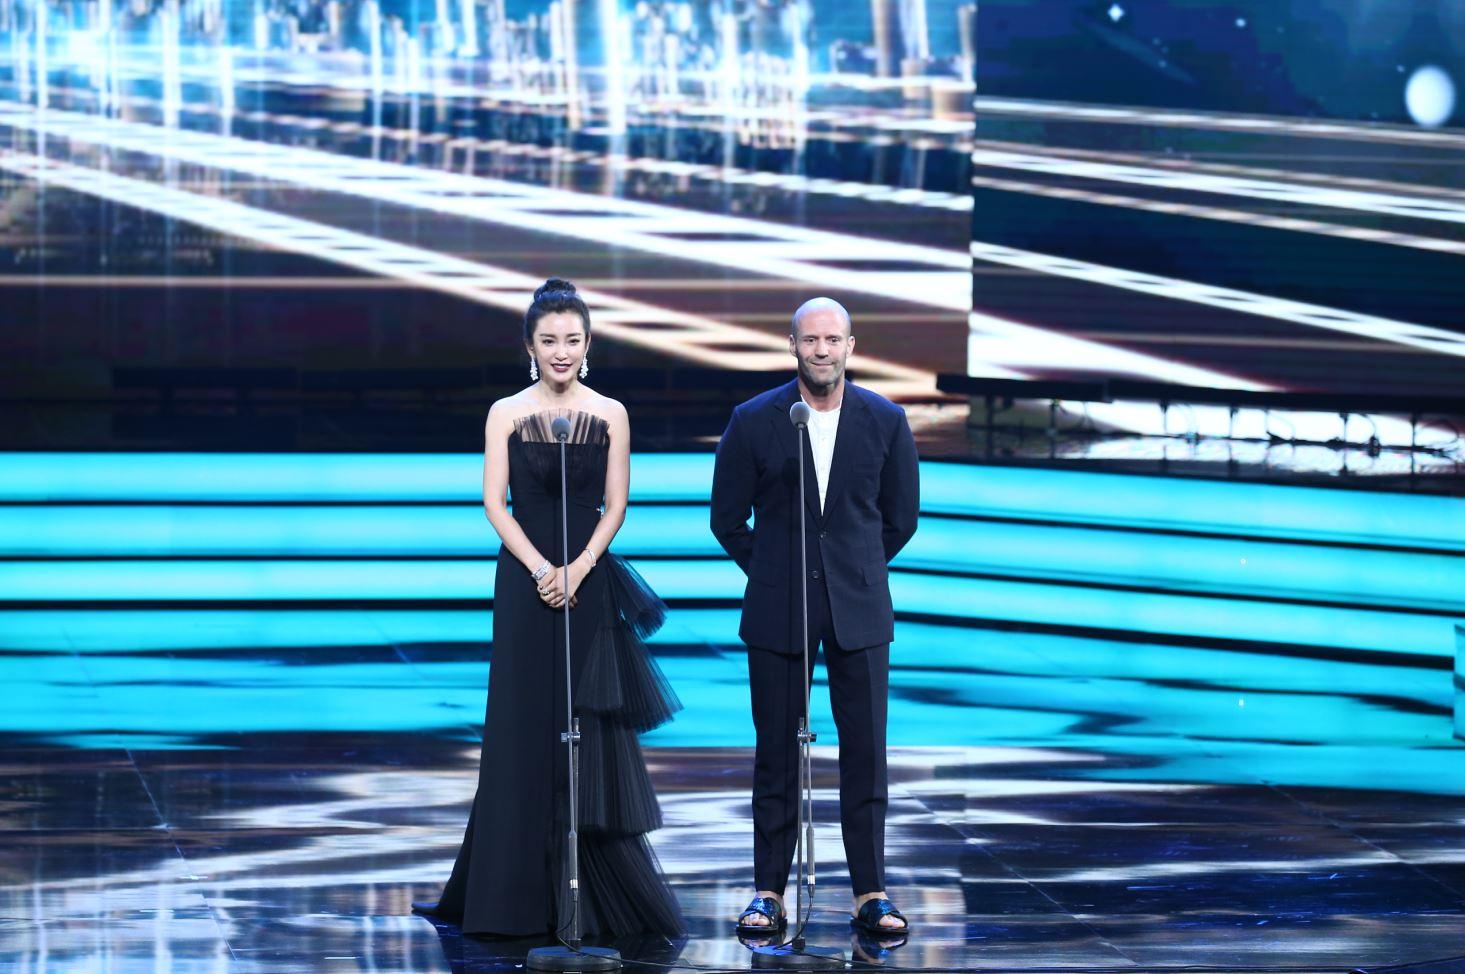 上海国际电影节 | 杰森·斯坦森携手李冰冰亮相